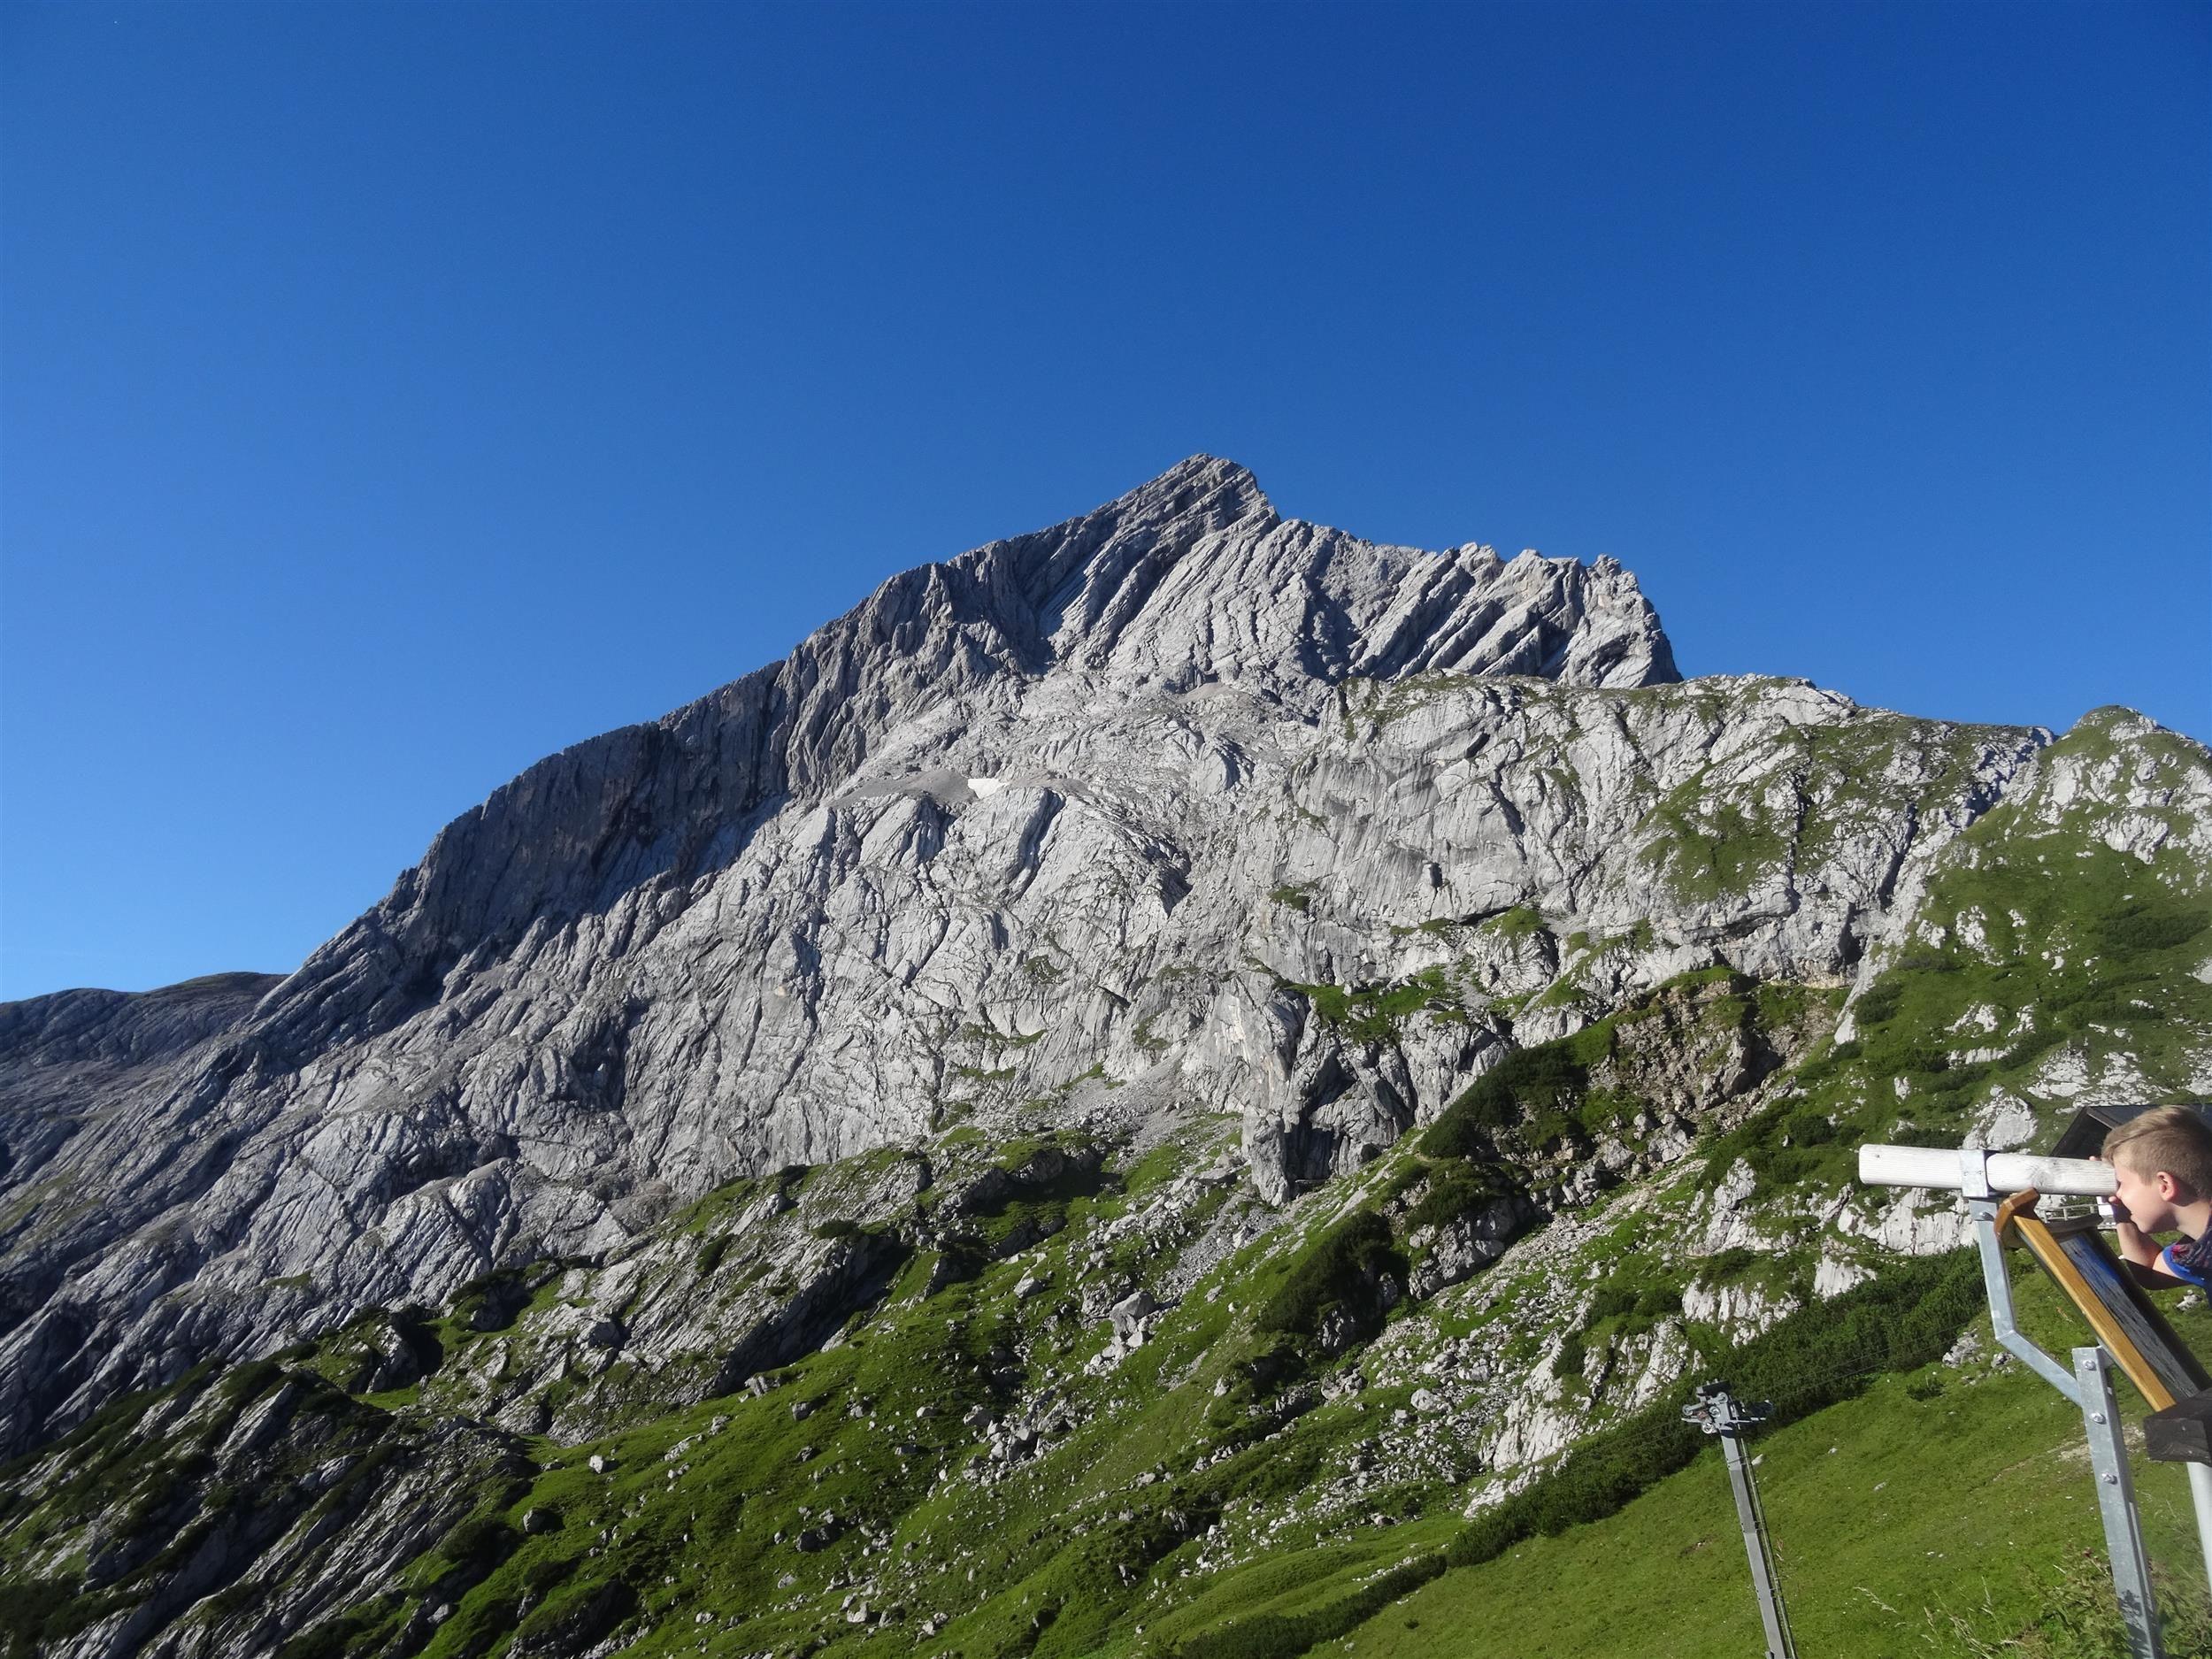 Klettersteig Alpspitze : Klettersteig alpspitze berge klettern und spitze